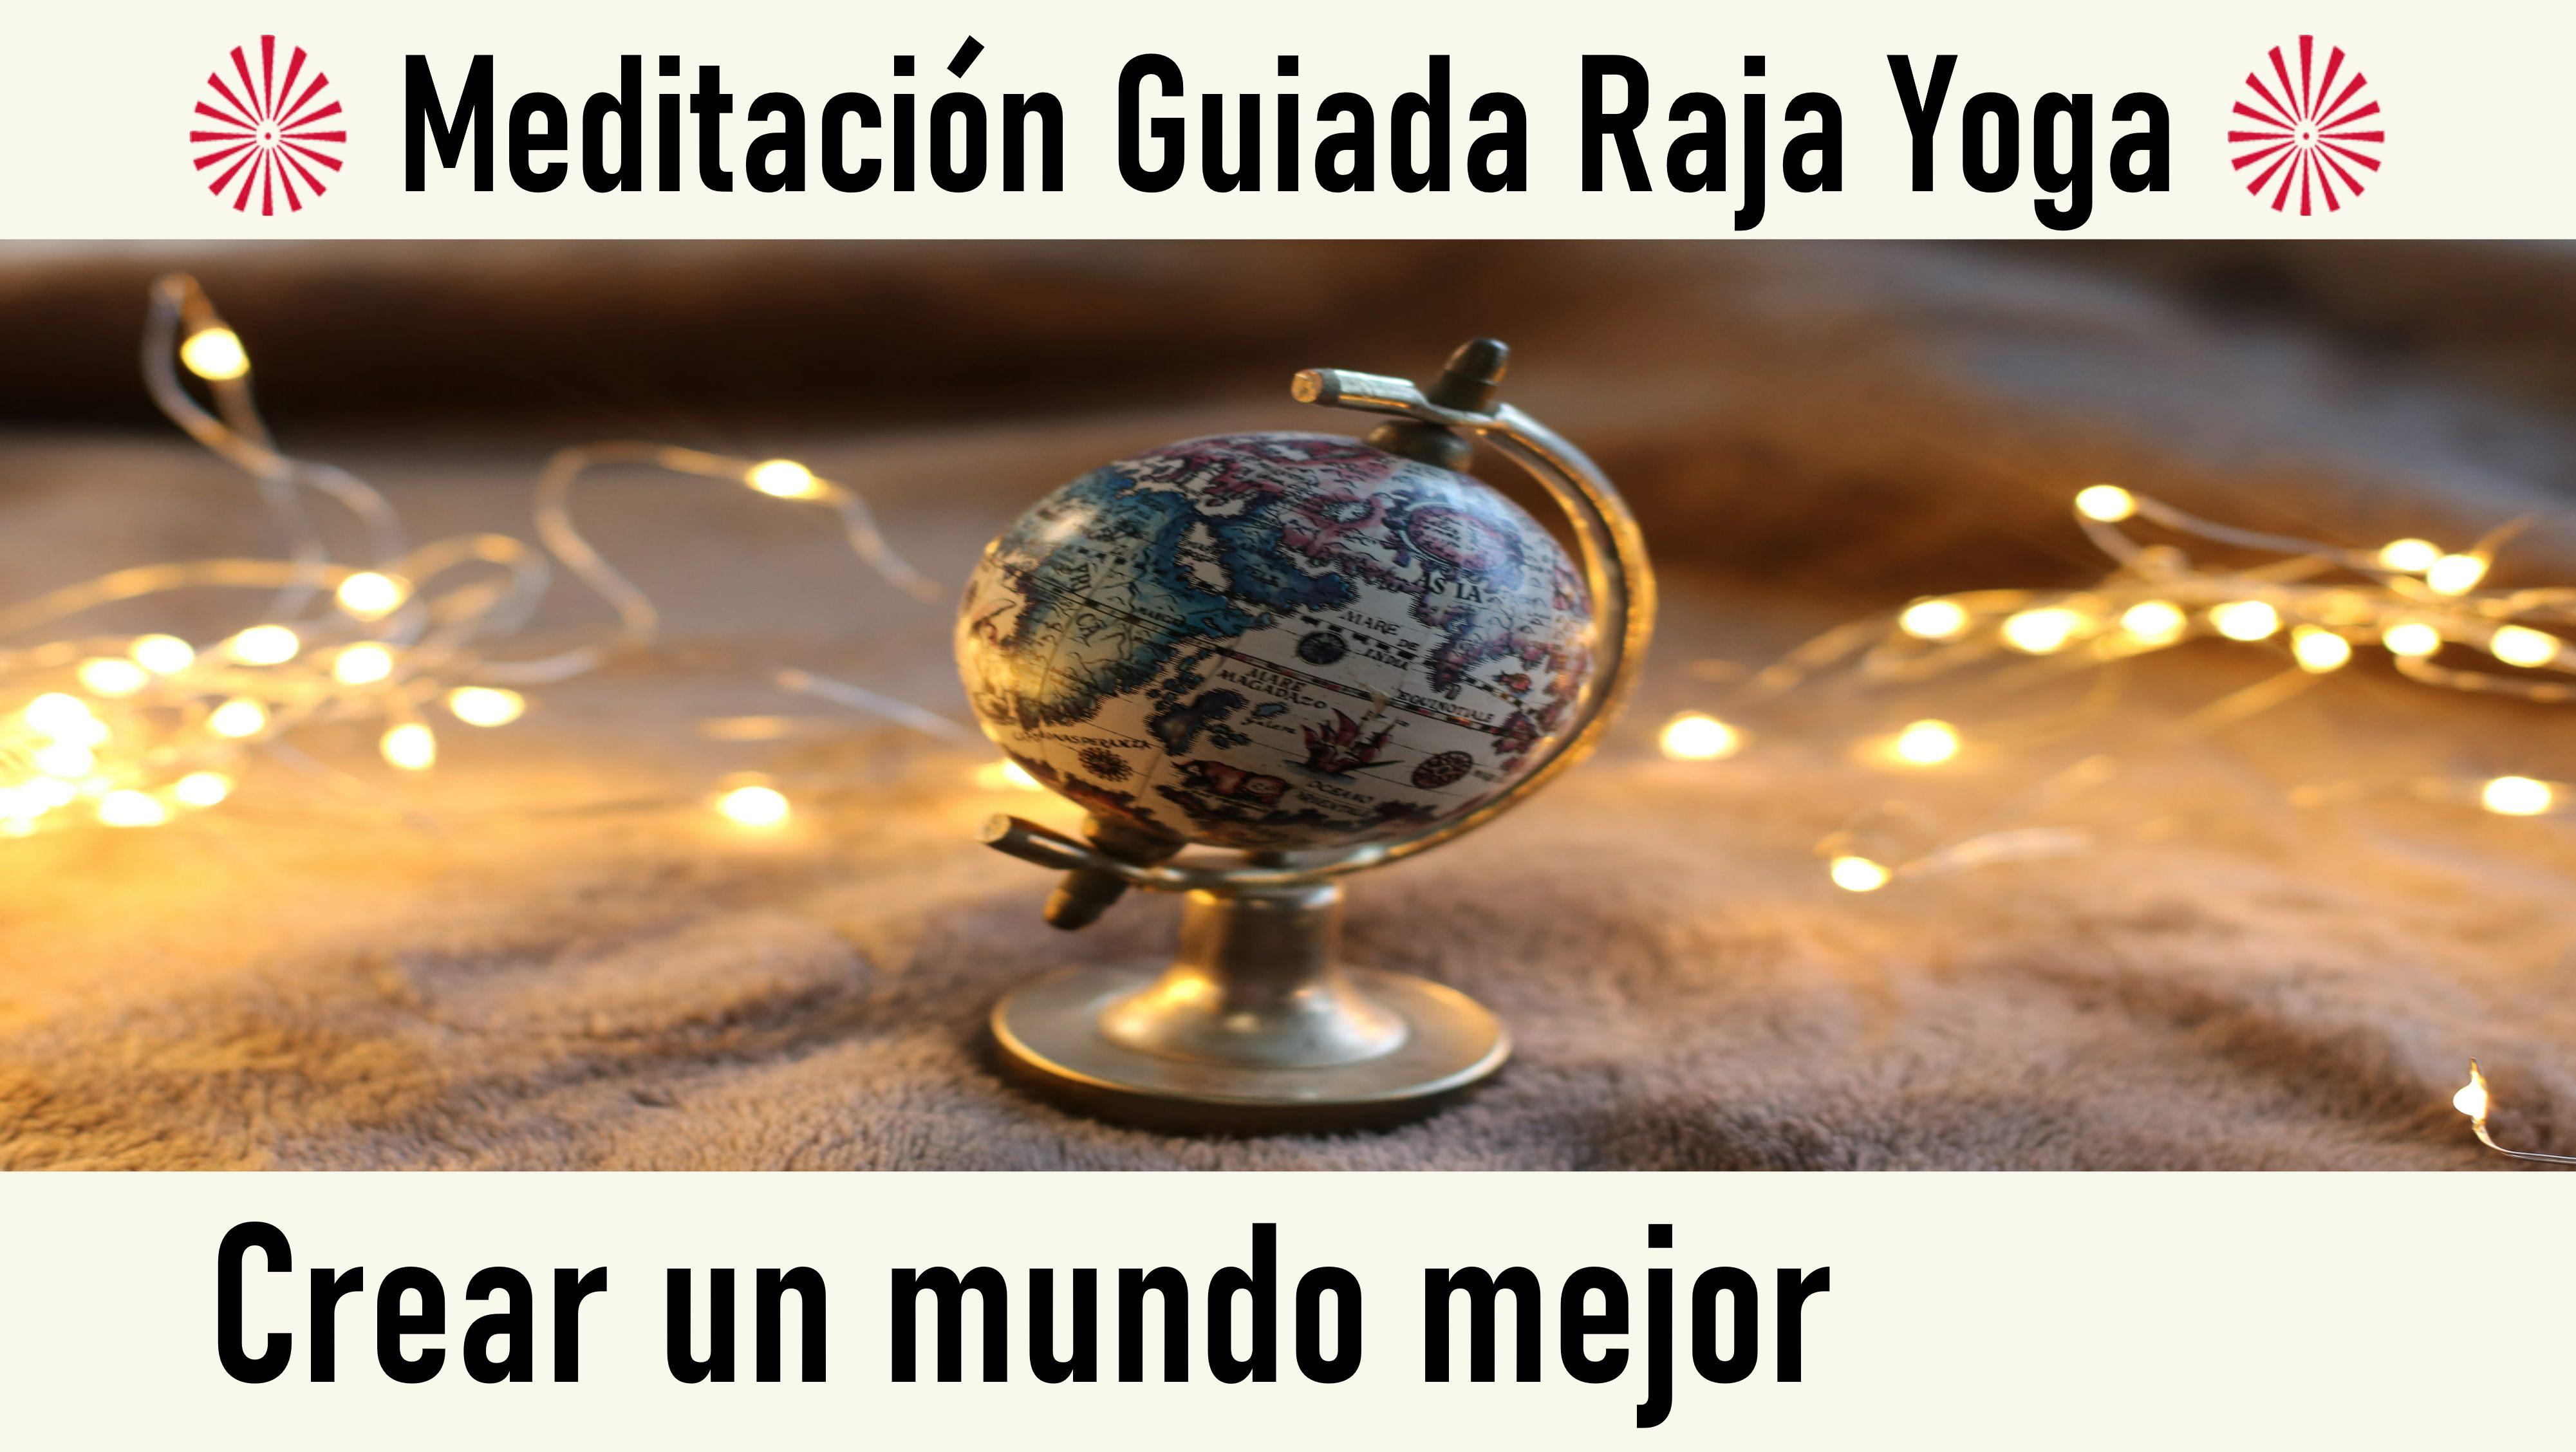 27 Septiembre 2020  Meditación guiada: Crear un mundo mejor